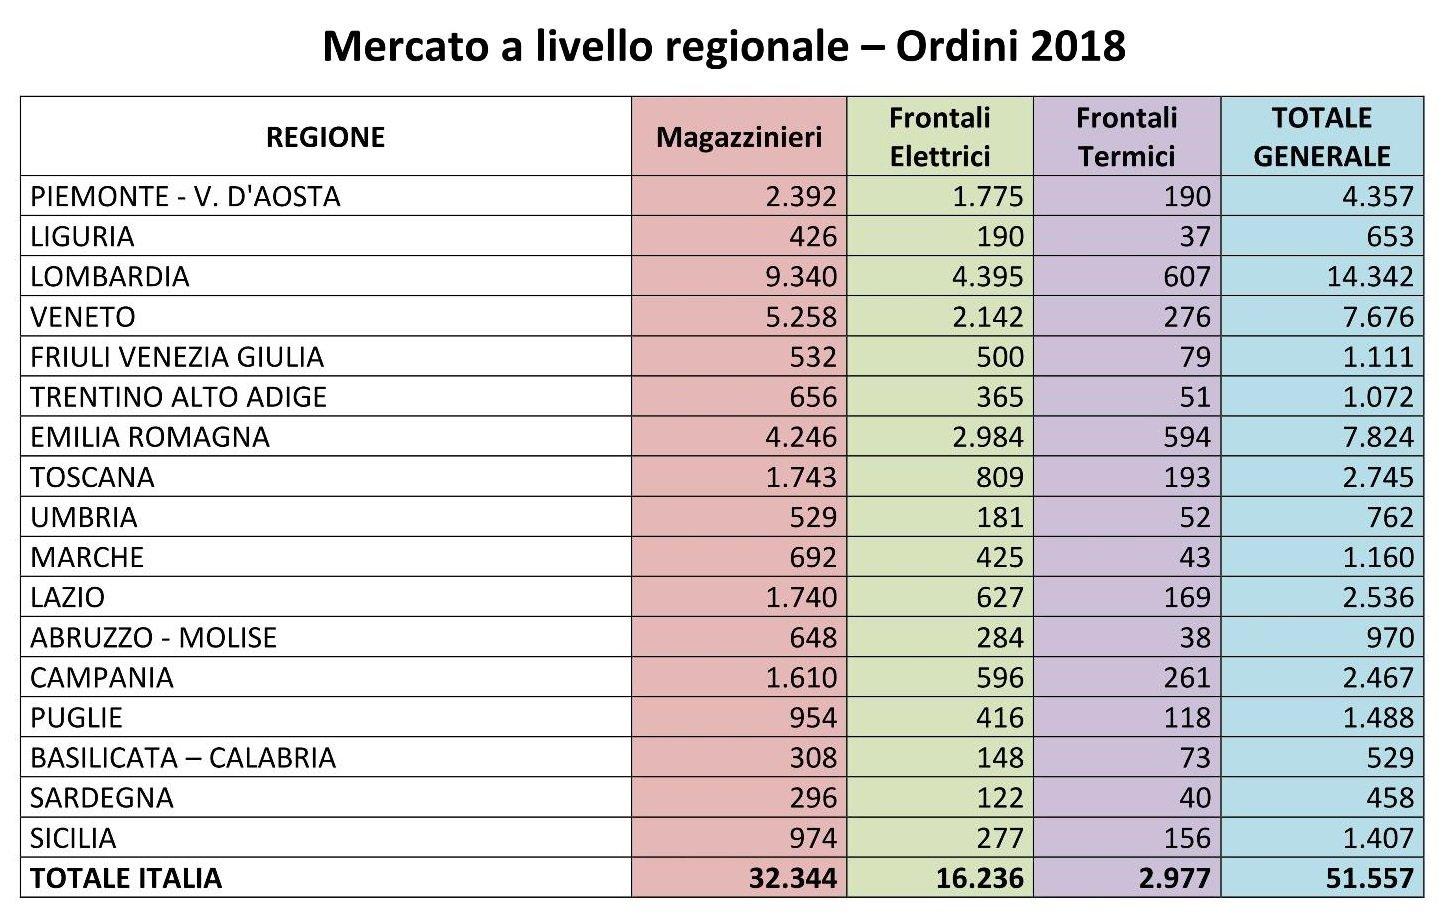 Mercato carrelli elevatori a livello regionale – Ordini 2018